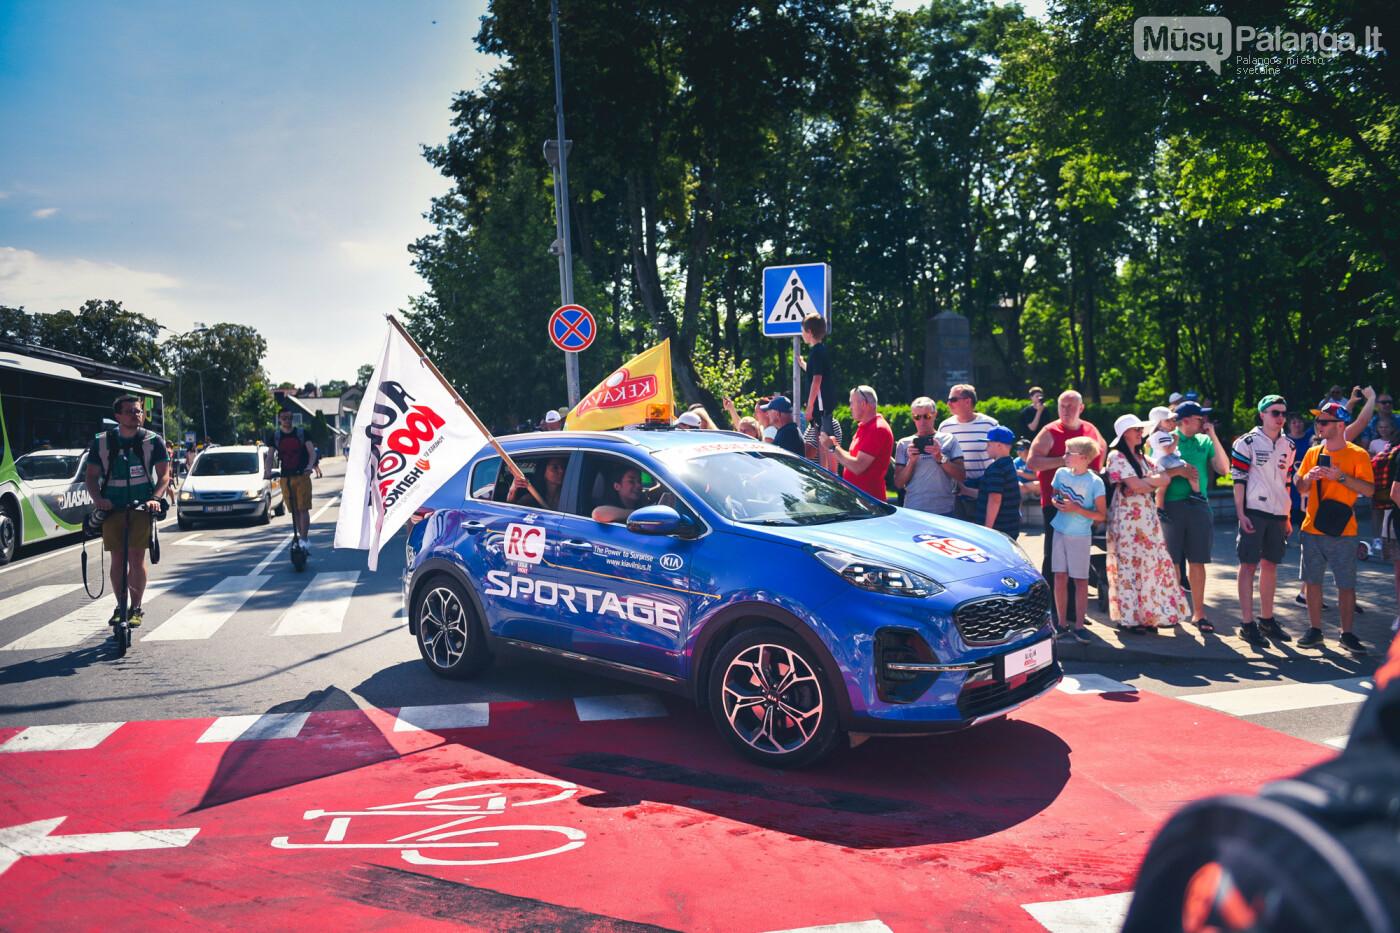 """Palanga alsuoja """"Aurum 1006 km lenktynių"""" ritmu, nuotrauka-112, Vytauto PILKAUSKO ir Arno STRUMILOS nuotr."""